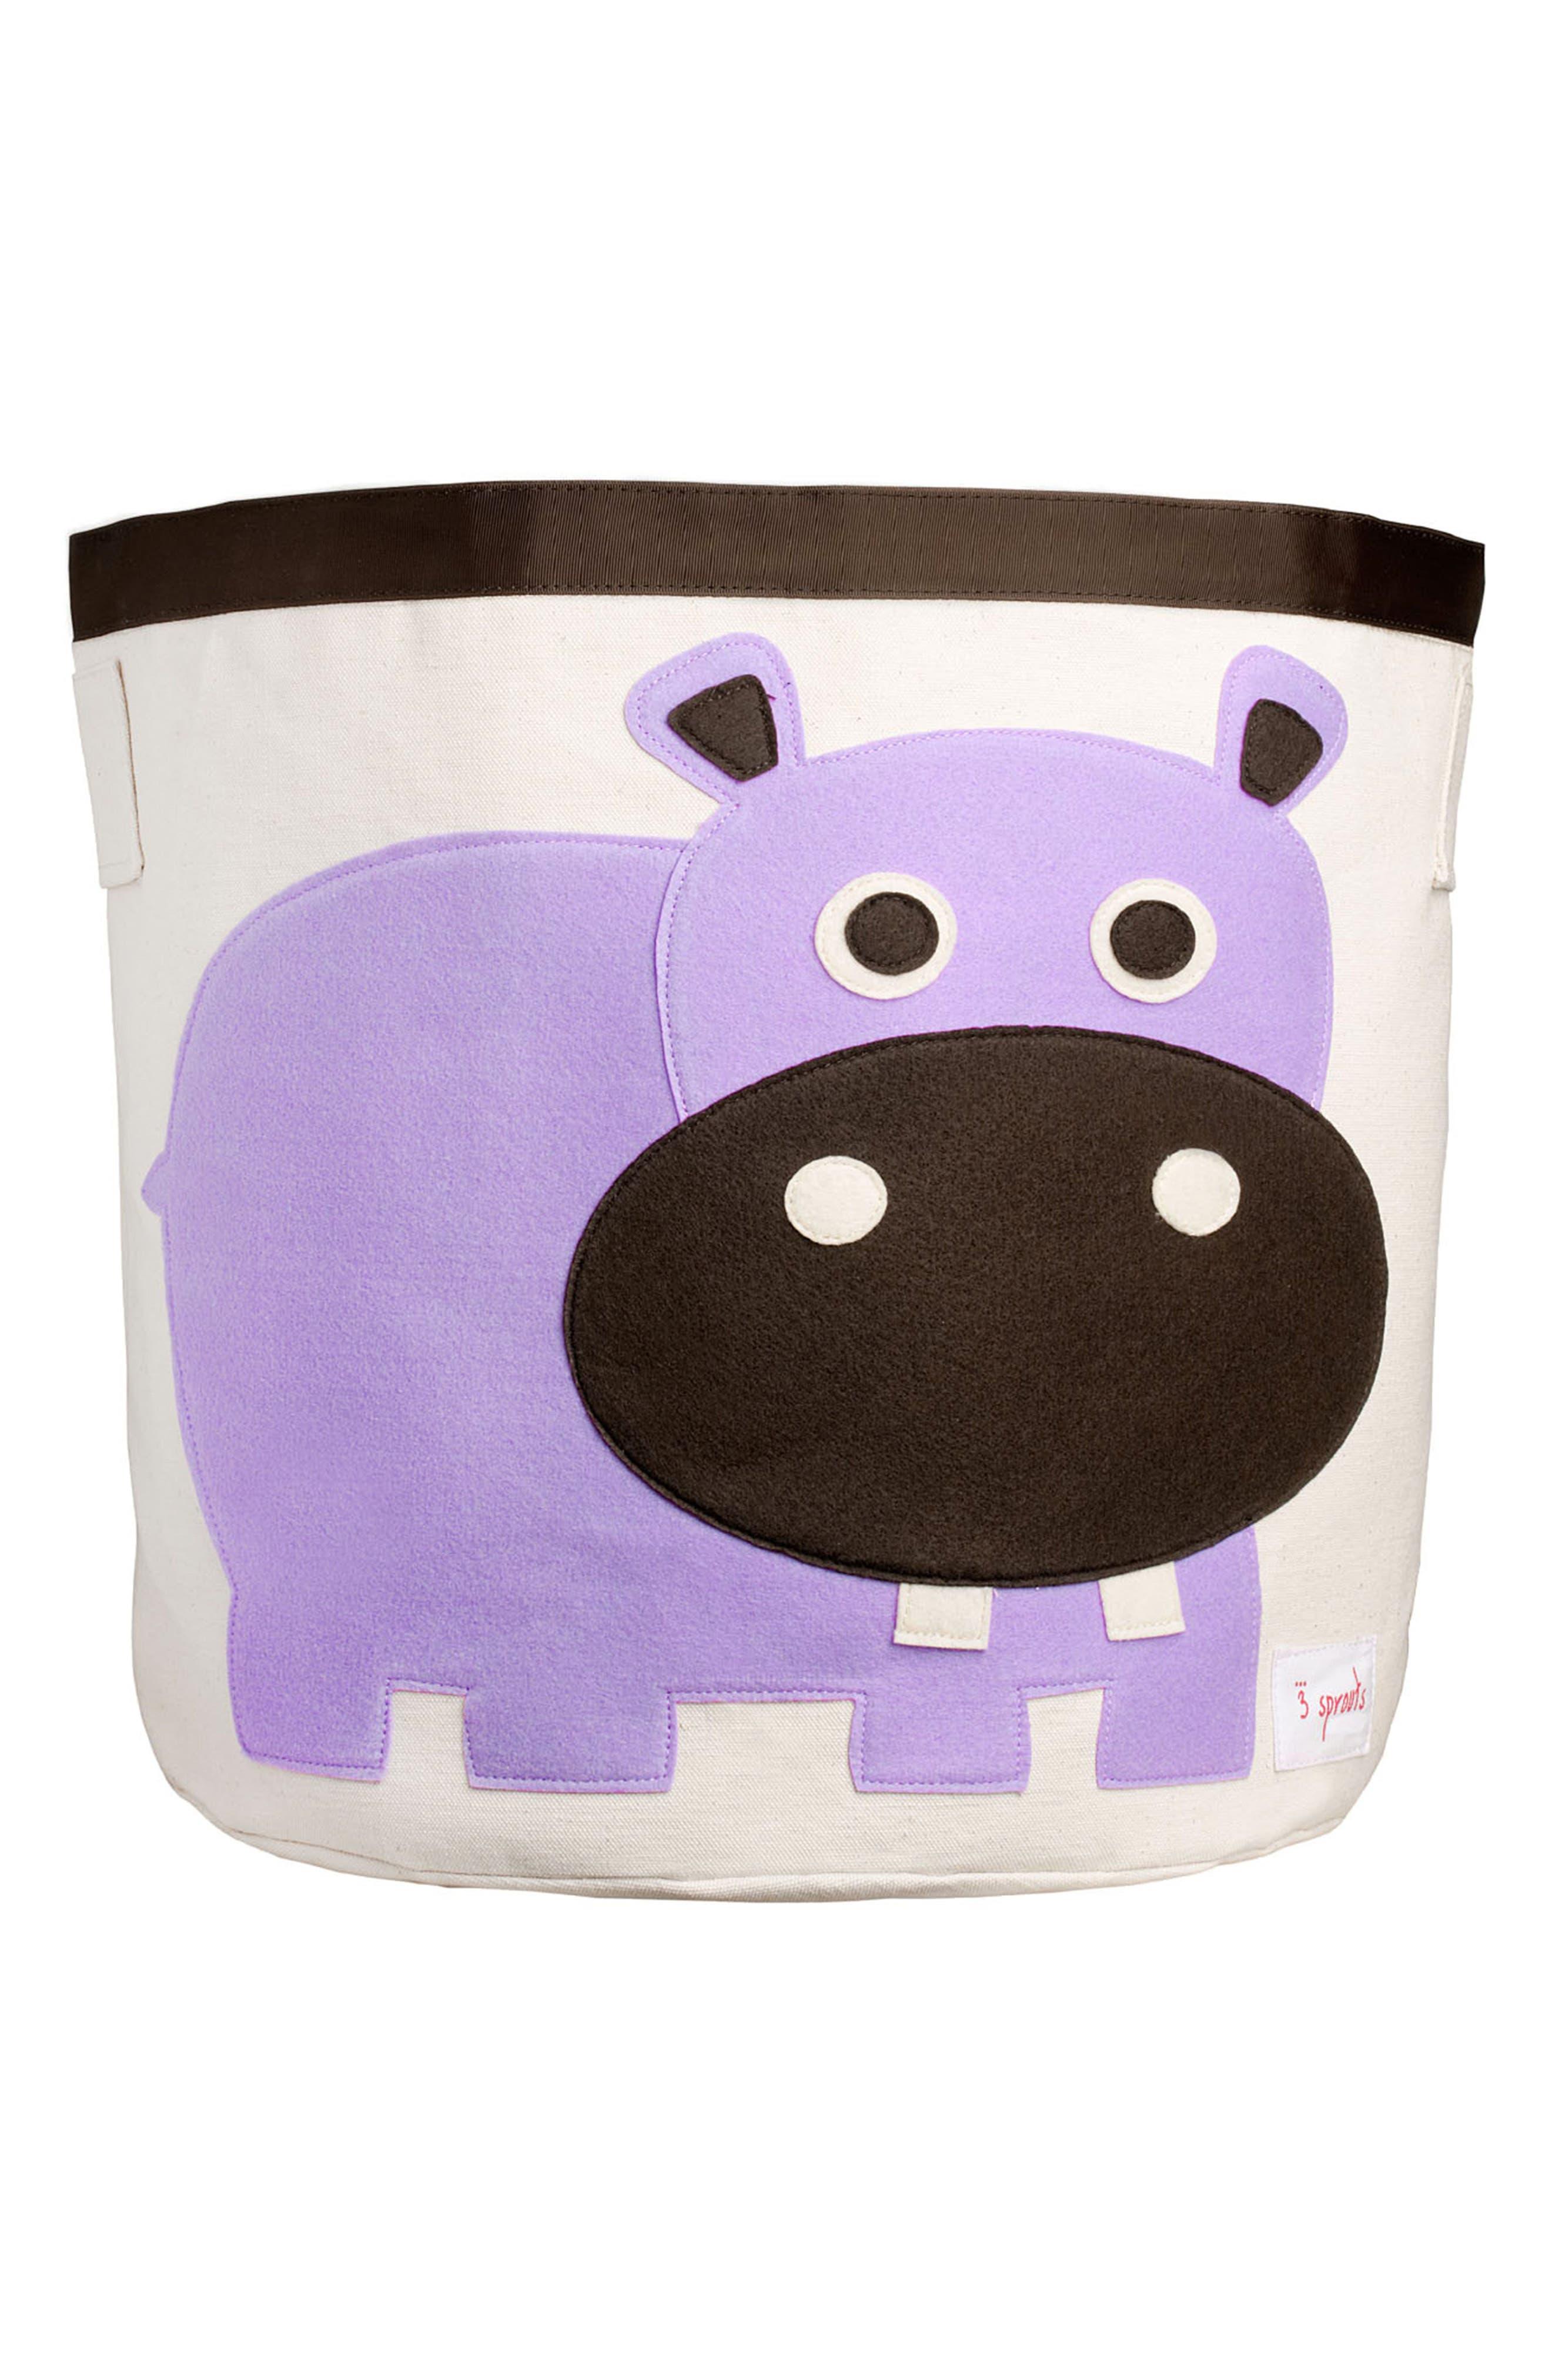 Hippo Canvas Storage Bin,                         Main,                         color, 500